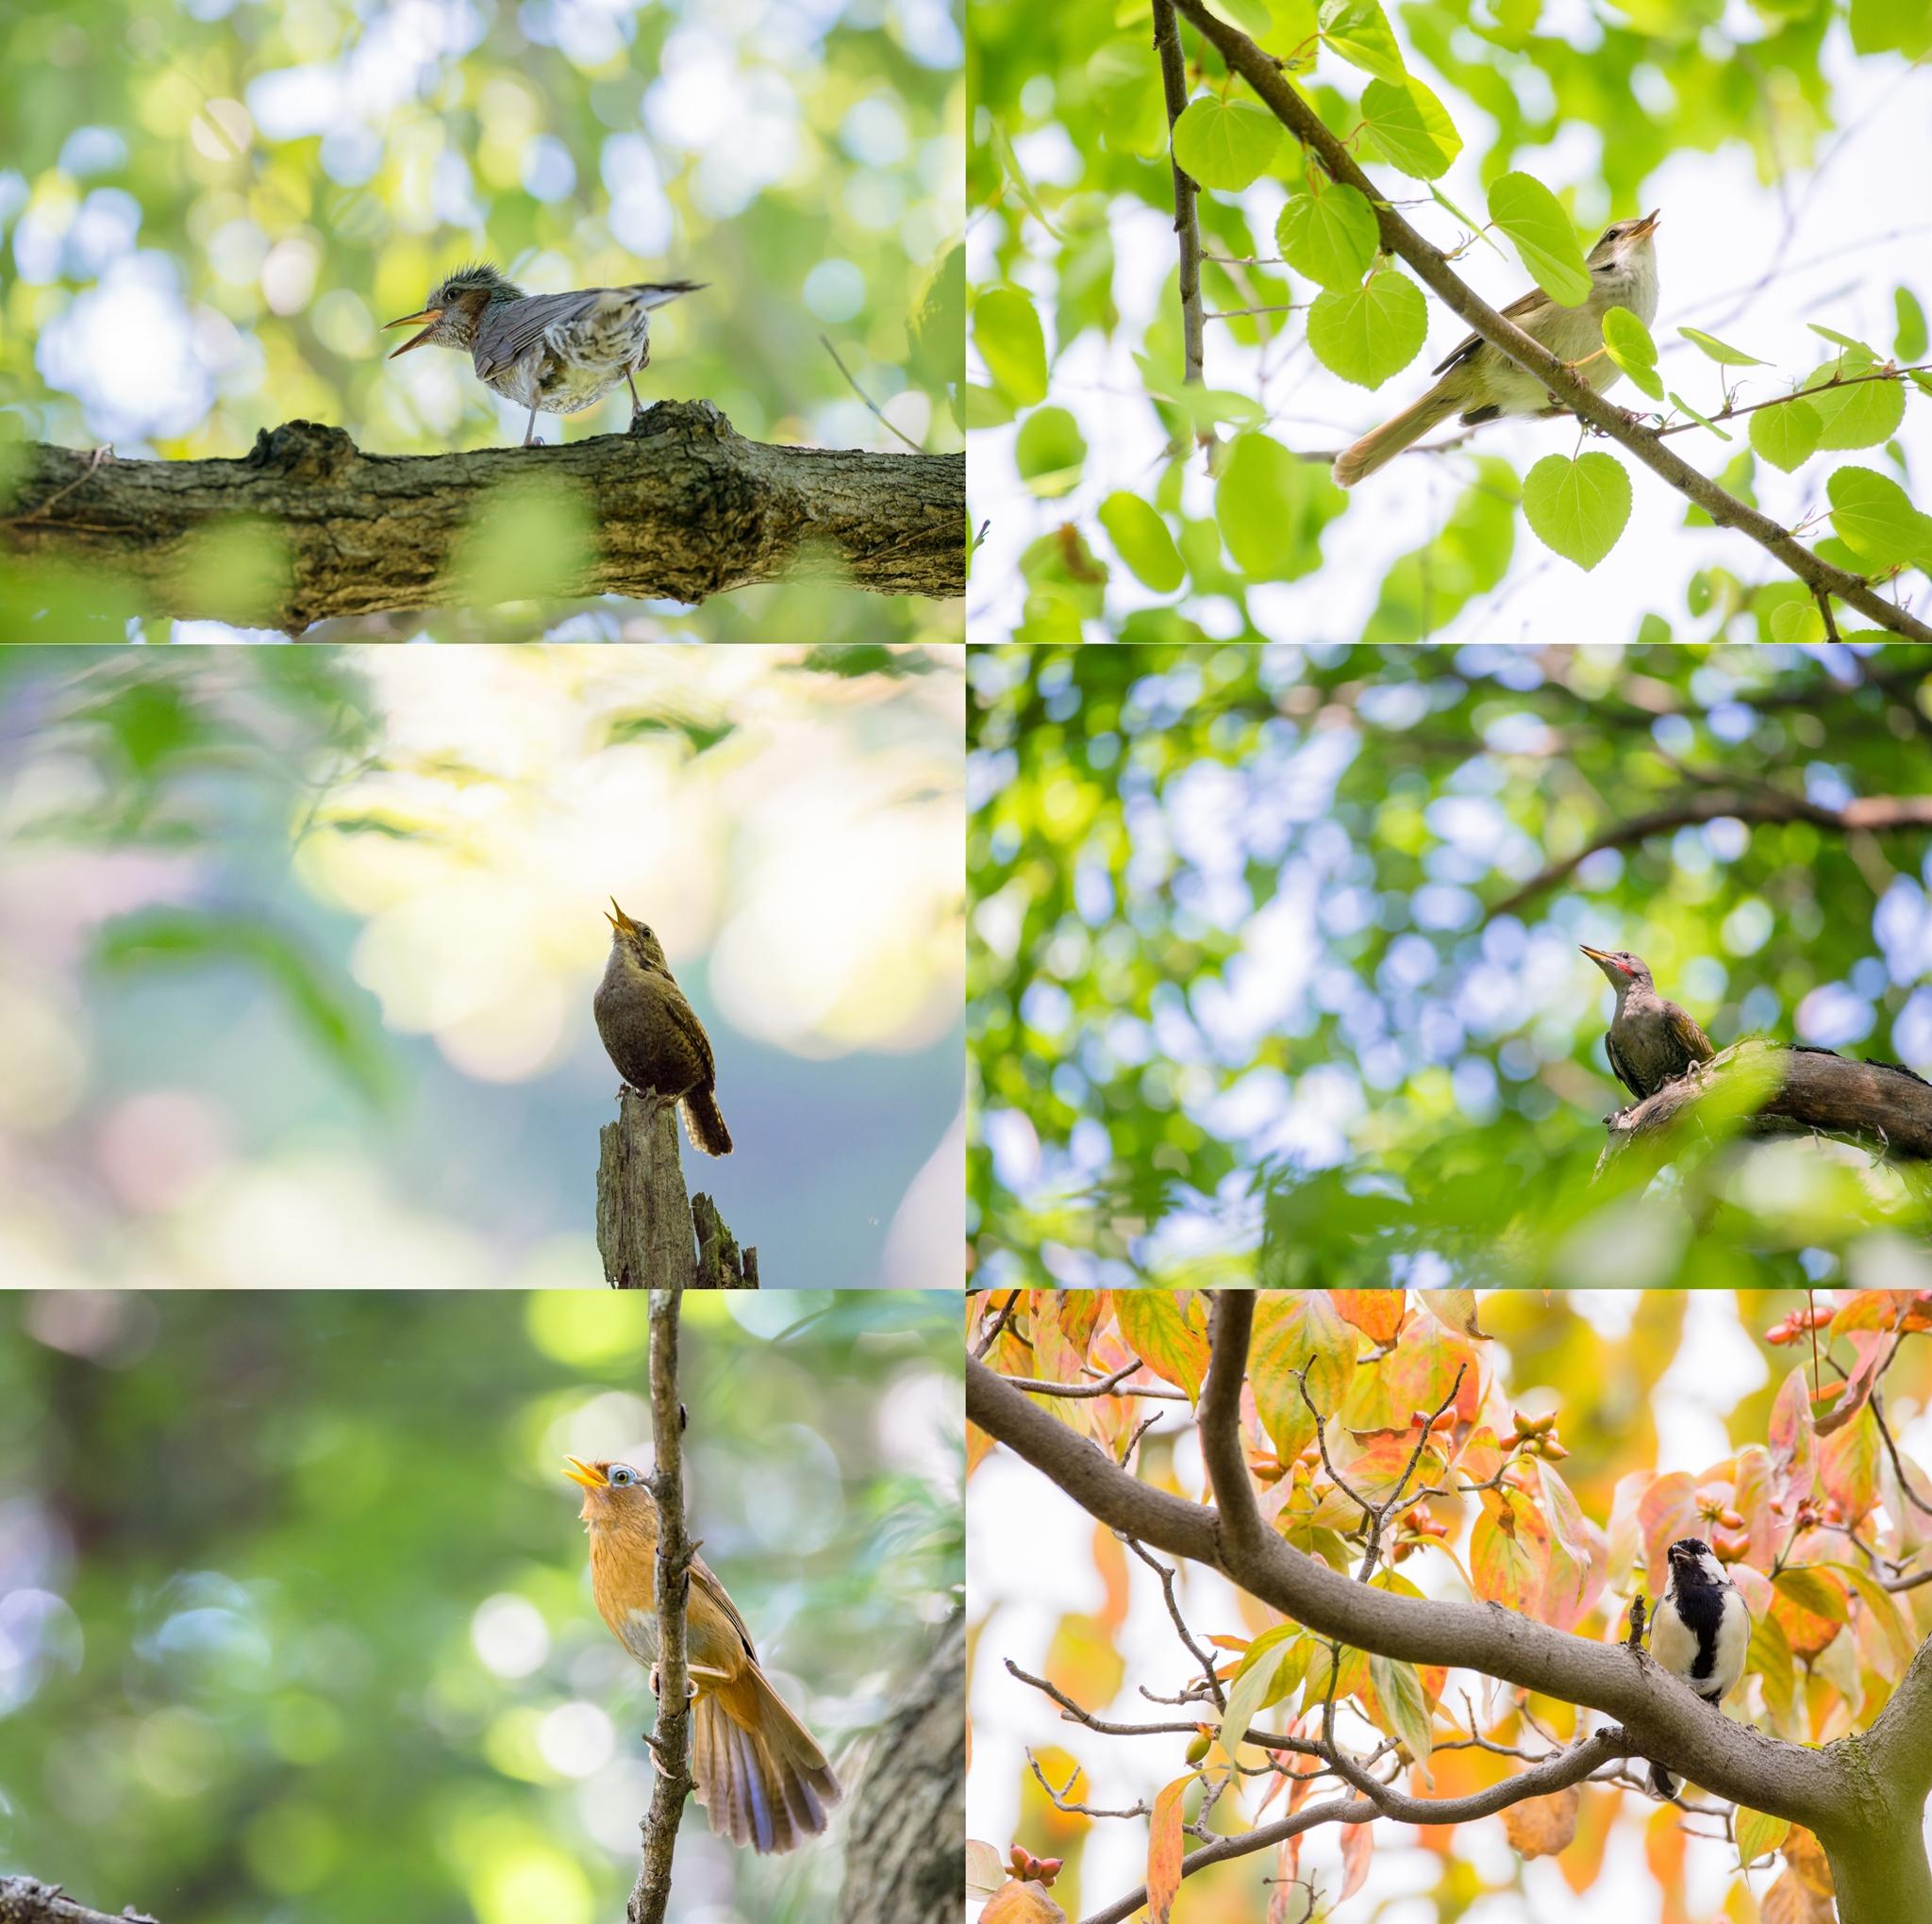 Photo: 「歌声」 / Singing voice.  写真展『まなざし』出展予定作品より 今回ご紹介させていただくのは 8つの小さなテーマの内の一つ 『歌声』です。  その存在を誇示したり、 恋の歌を歌ったり、 時には警戒をしていたり、 小鳥たちは歌声から たくさんのメッセージを届けてくれます。 そんな精いっぱいに歌う小鳥たちの中から 6枚を選びました。  みなさんはどんな歌声を 聴いてみたいですか?  直接声をお届けすることはできませんが、 目の前で見ていただき そしてそっと目を閉じて イメージの中でその声を感じてもらえたら嬉しいです。  写真展もいよいよ明日より開催されます。 2日目の21日(土)には 18時よりYouTubeをかいして ライブトークも行います。 1時間と言う限られた時間ですが、 実際に訪れることができない方にも 楽しんでいただけたら幸いです^^  トークは中継されますが、 アーカイブとして保存され、 その後も見ていただくことが可能となります。 ぜひ下記のイベントページをチェックしてみてください☆  ・YouTube Live イベントページ < https://goo.gl/yK9vBA >  ・大塩貴文 写真展『まなざし』 2015年11月20日[金]-29日[日] < http://islandgallery.jp/12134 >